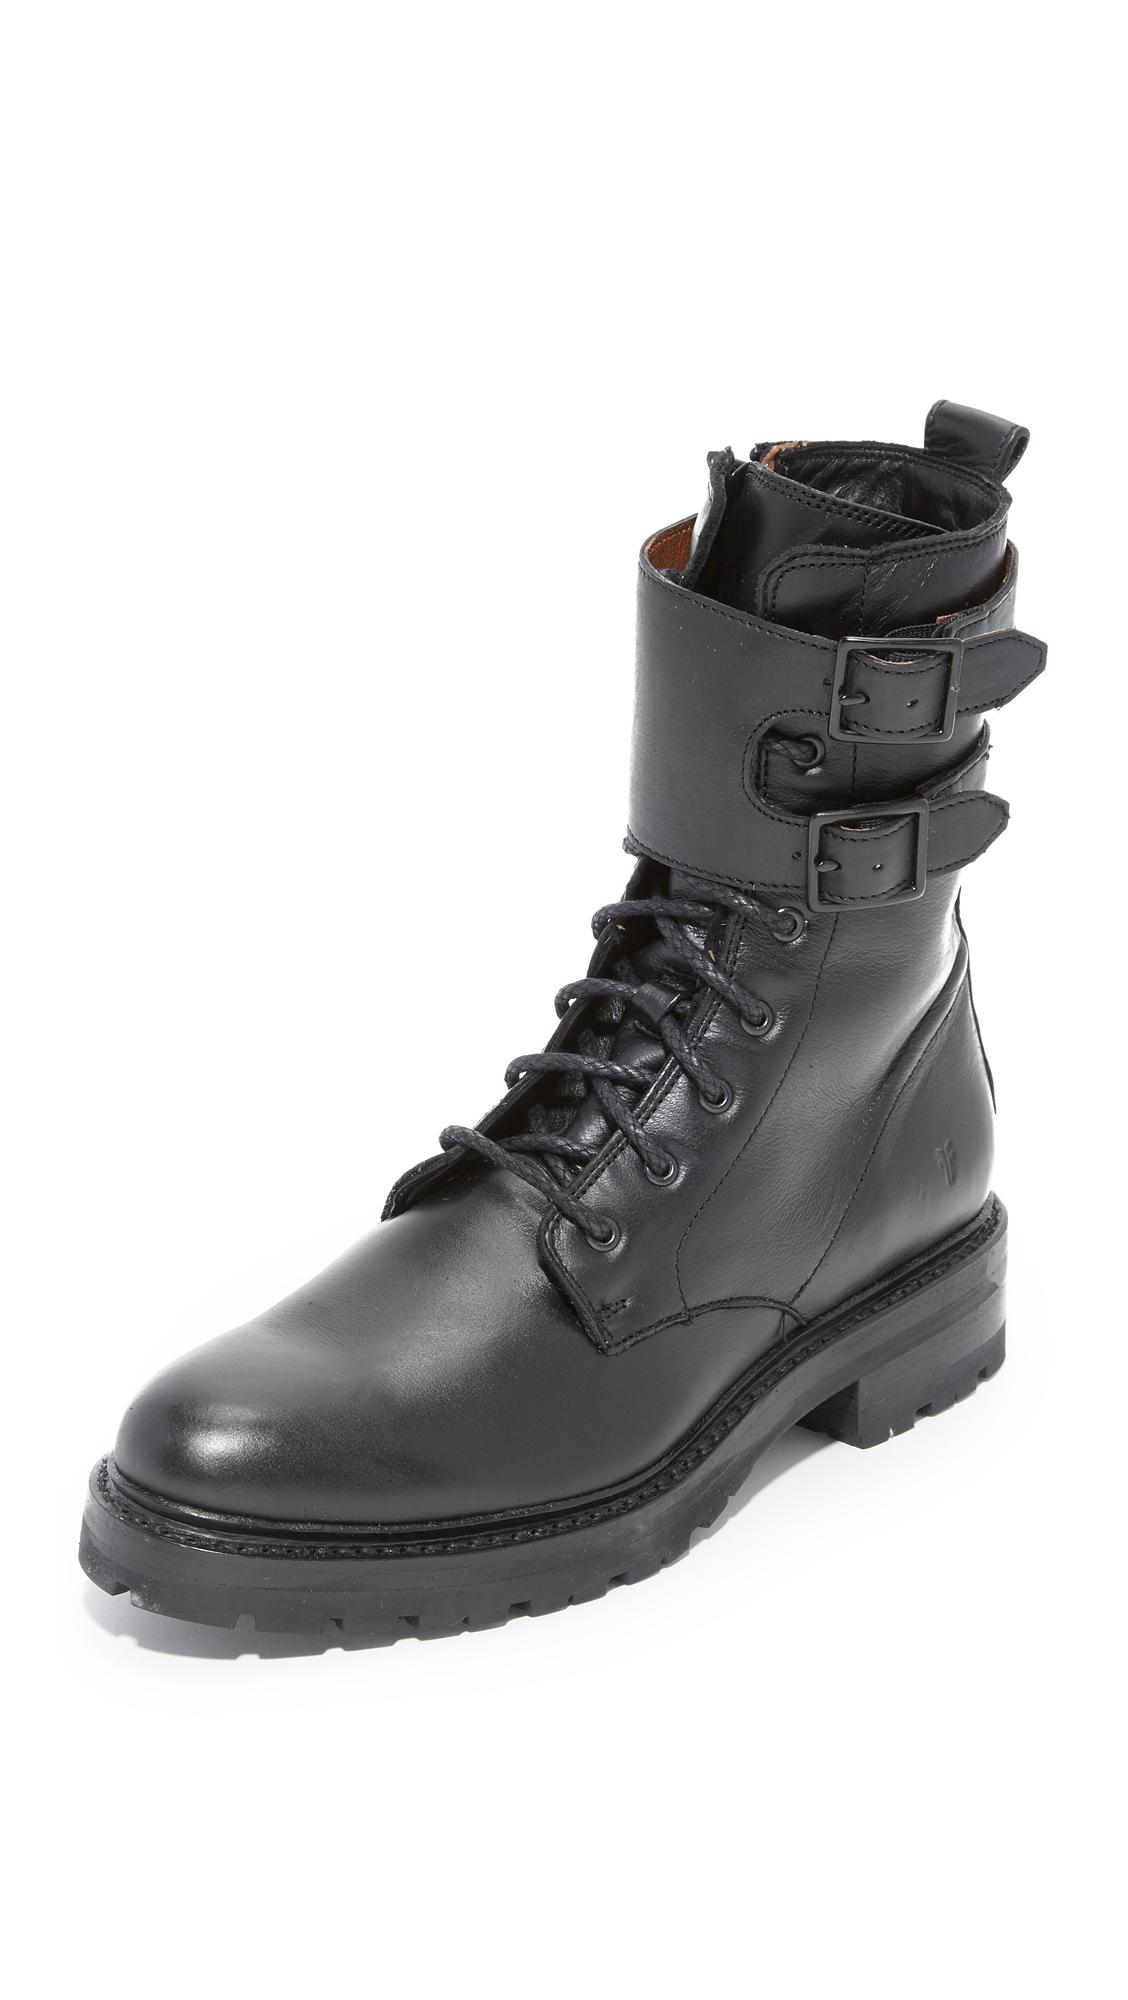 Frye Julie Shield Boots - Black at Shopbop